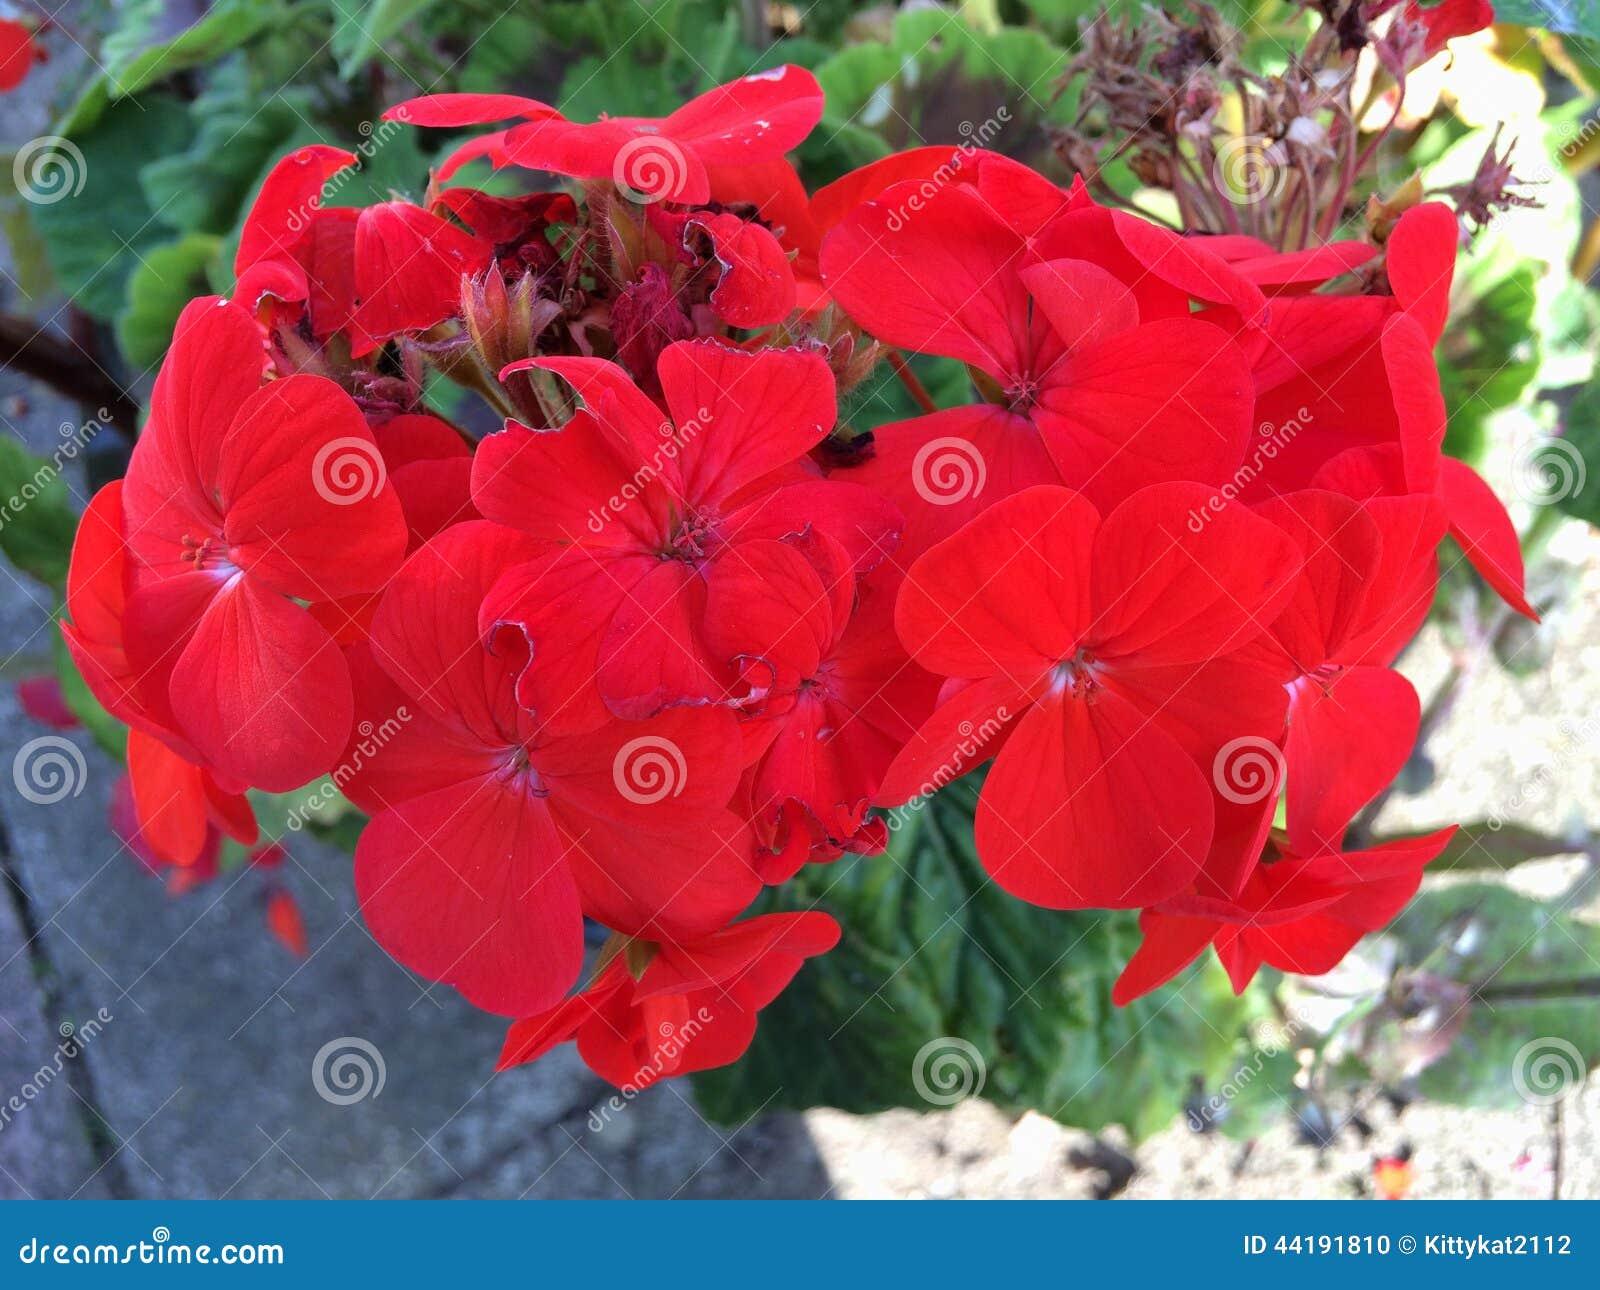 Red Geranium Stock Photo - Image: 44191810